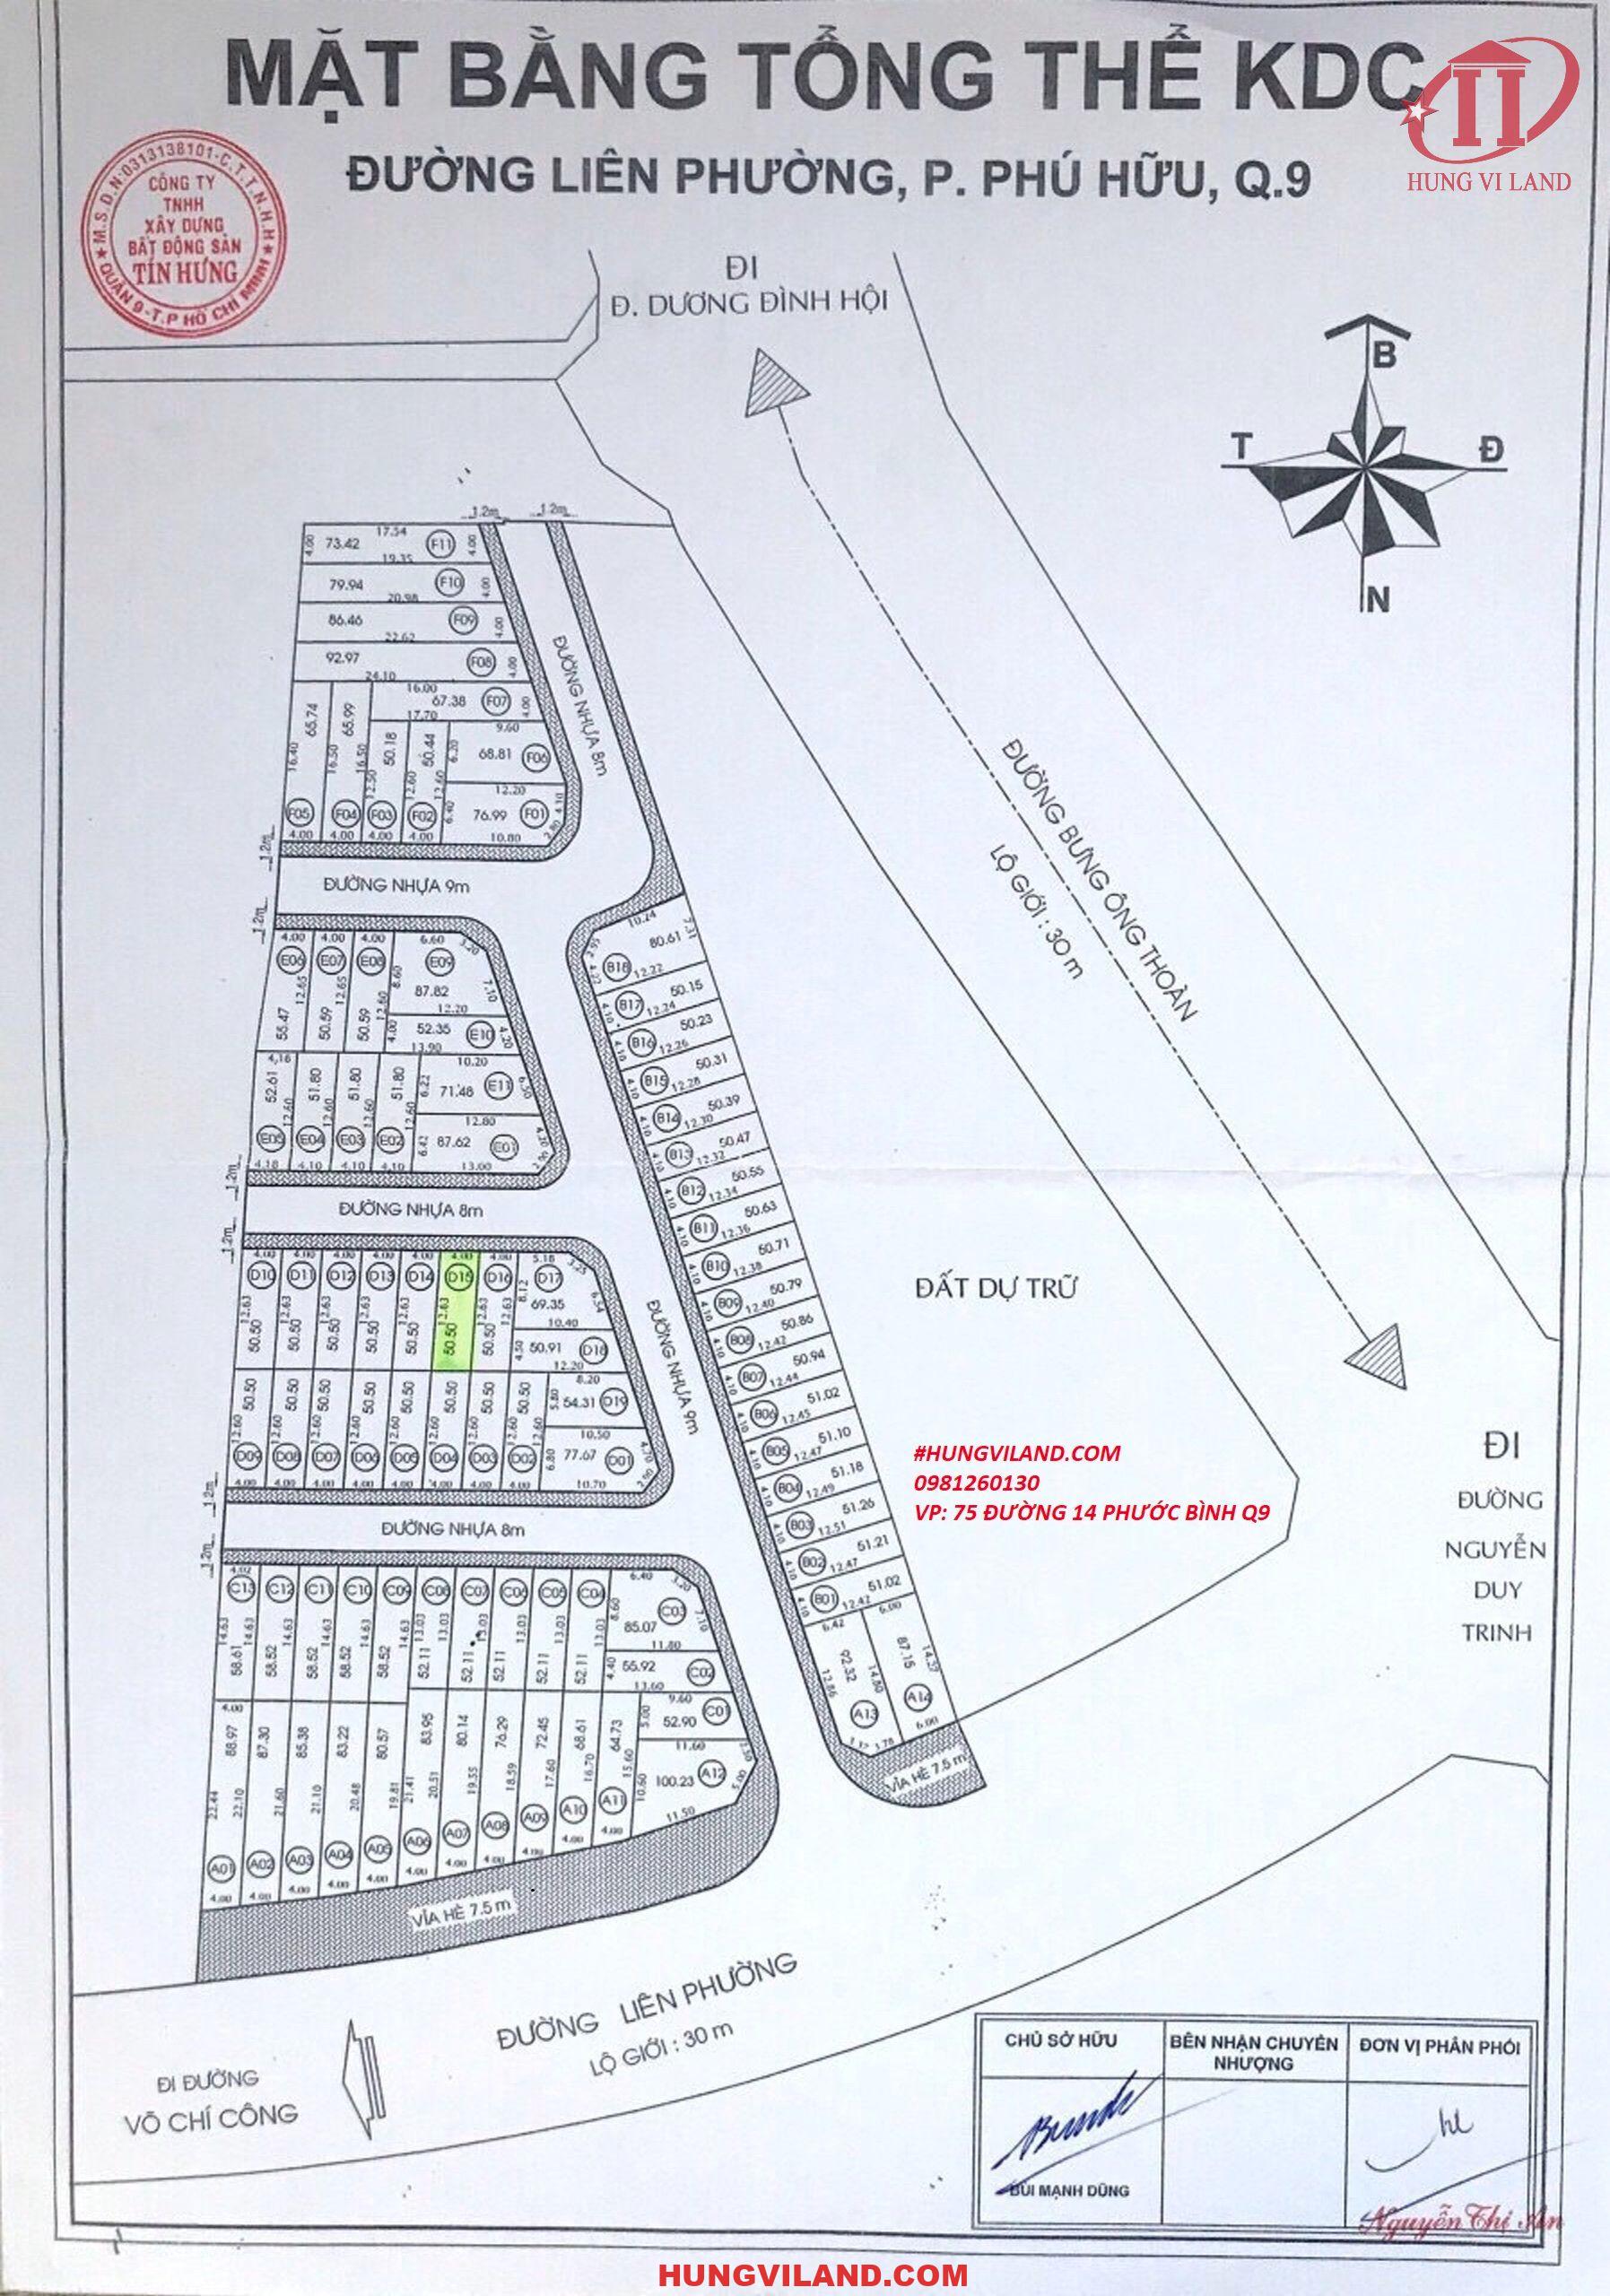 HUNGQ9 – CHUYÊN mua bán Đất nền dự án Tín Hưng đường Liên Phường – Phường Phú Hữu